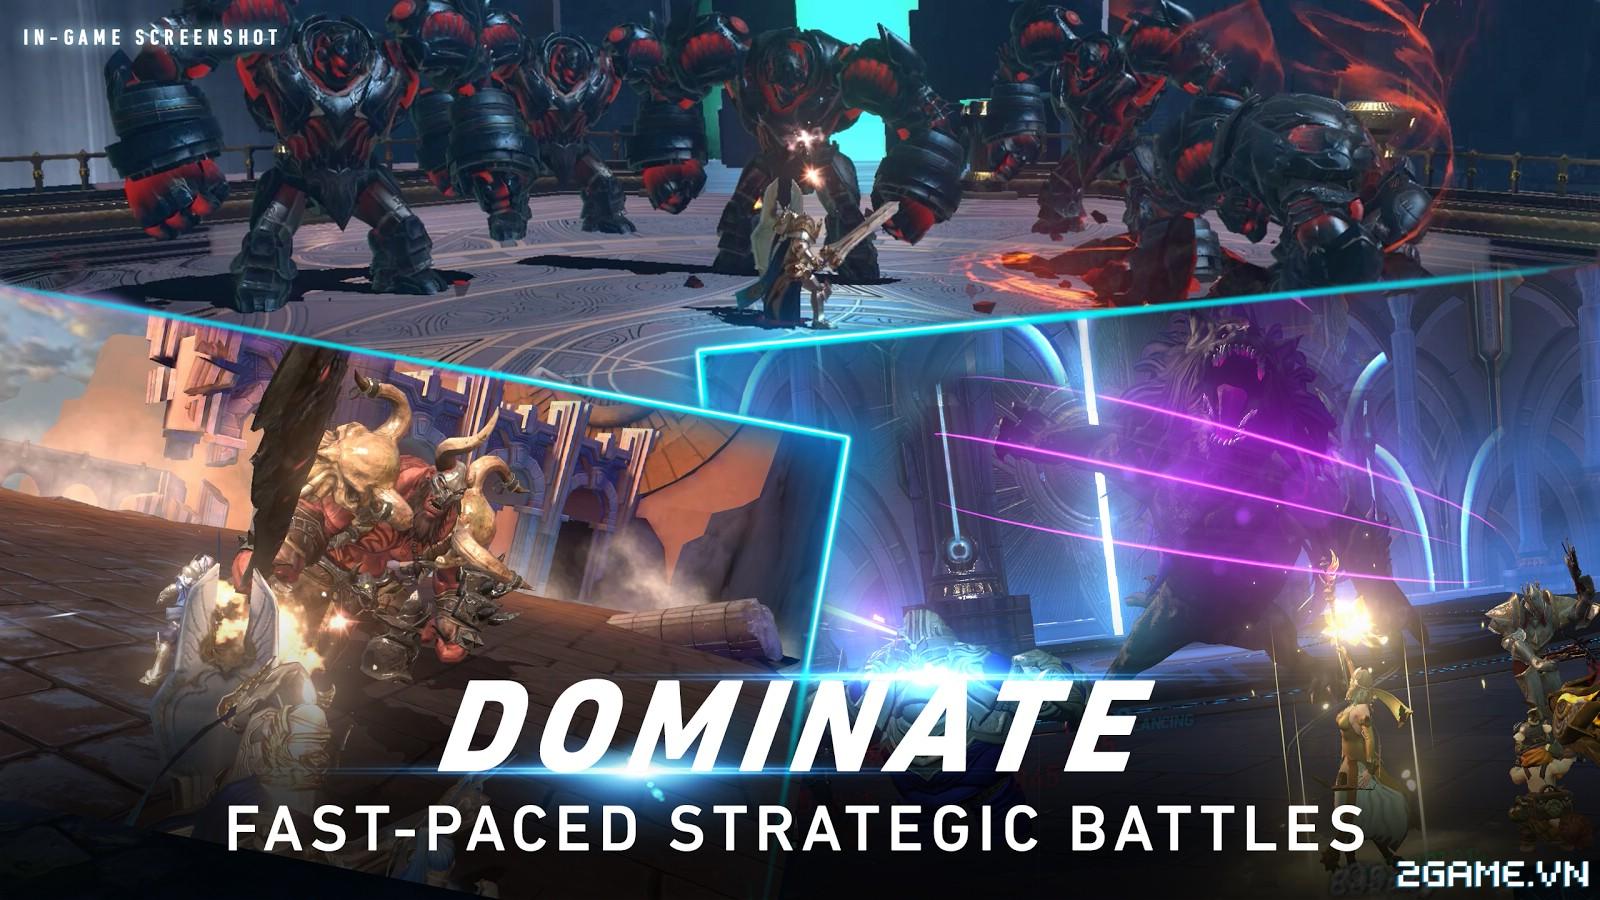 AION: Legions of War – Game nhập vai có đồ họa tuyệt mỹ, lối chơi đầy sáng tạo 3